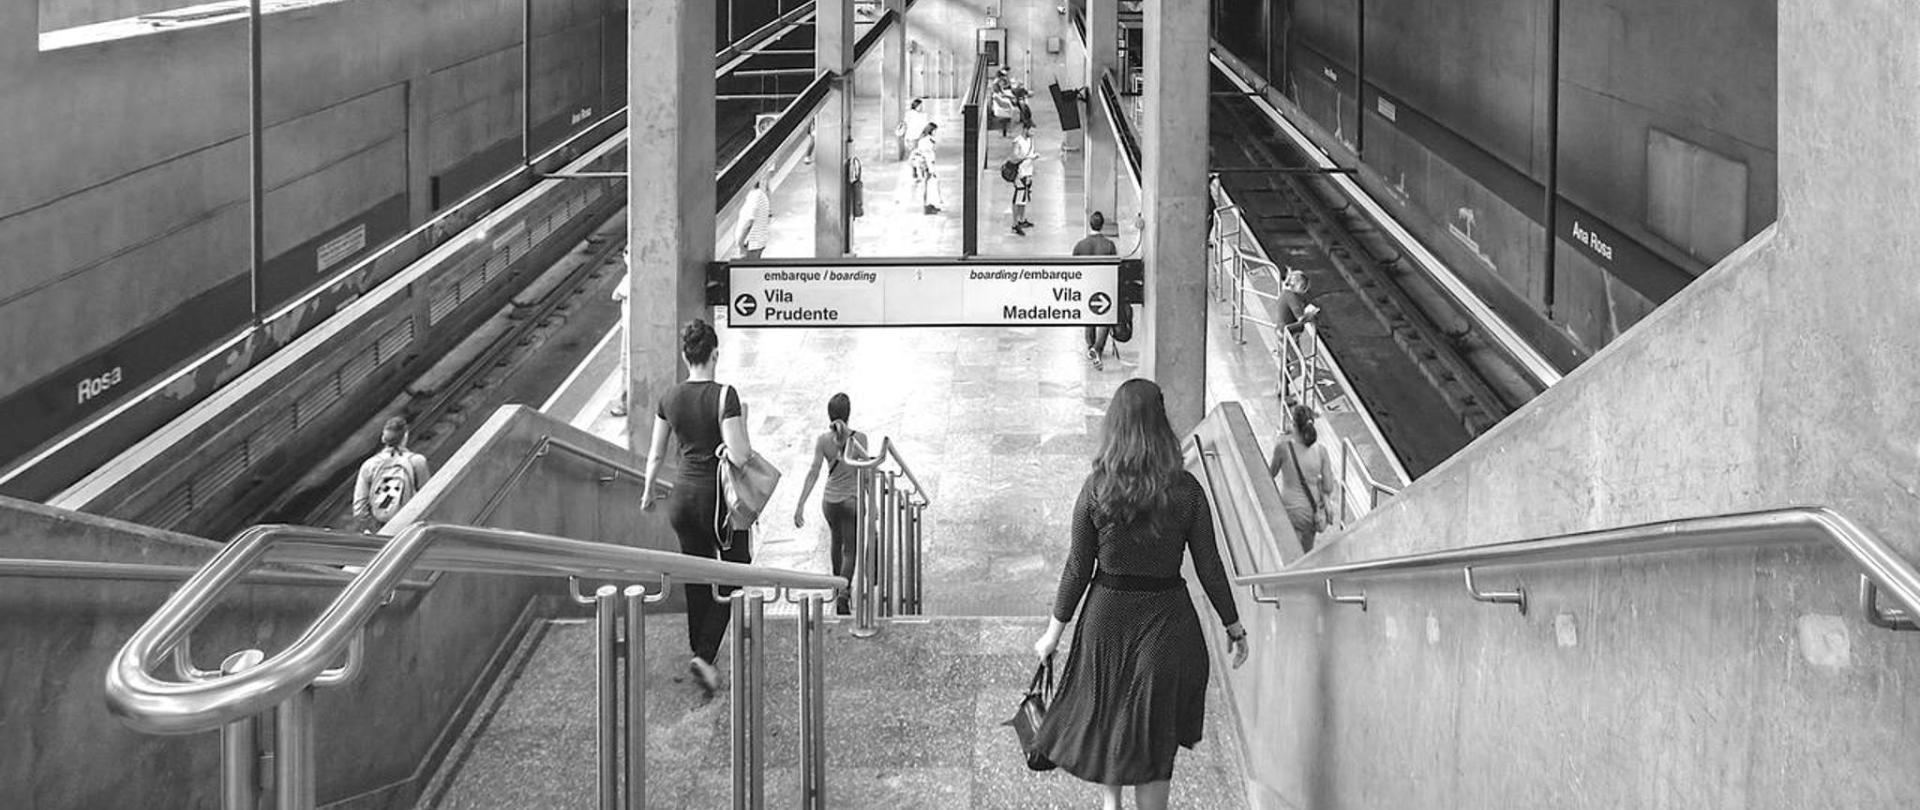 Estação Ana Rosa do Metrô